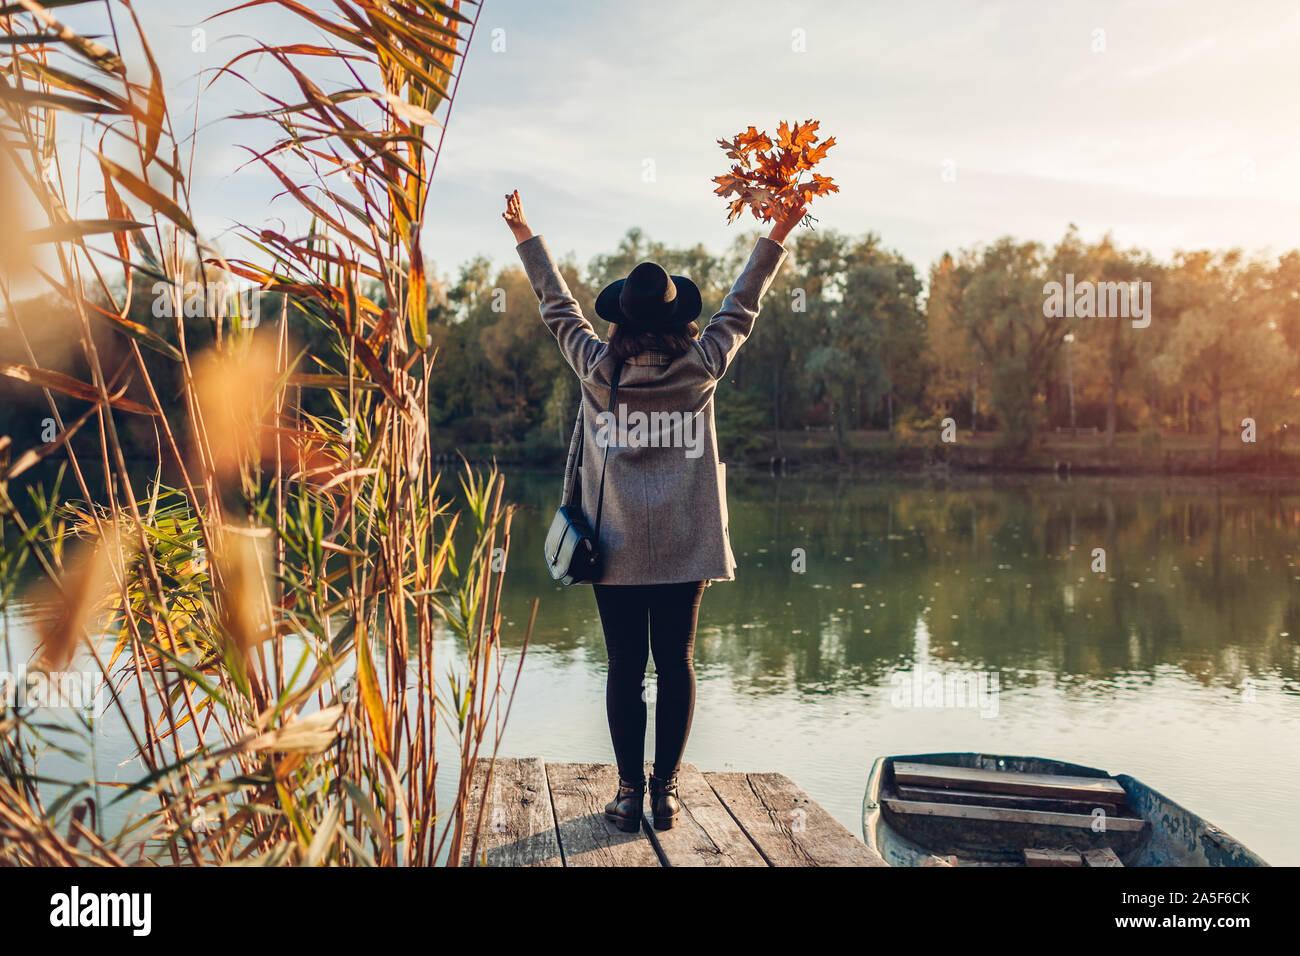 Donna felice camminando sul molo sul lago in barca alzando le mani e ammirando il paesaggio autunnale. Caduta stagione attività Foto Stock